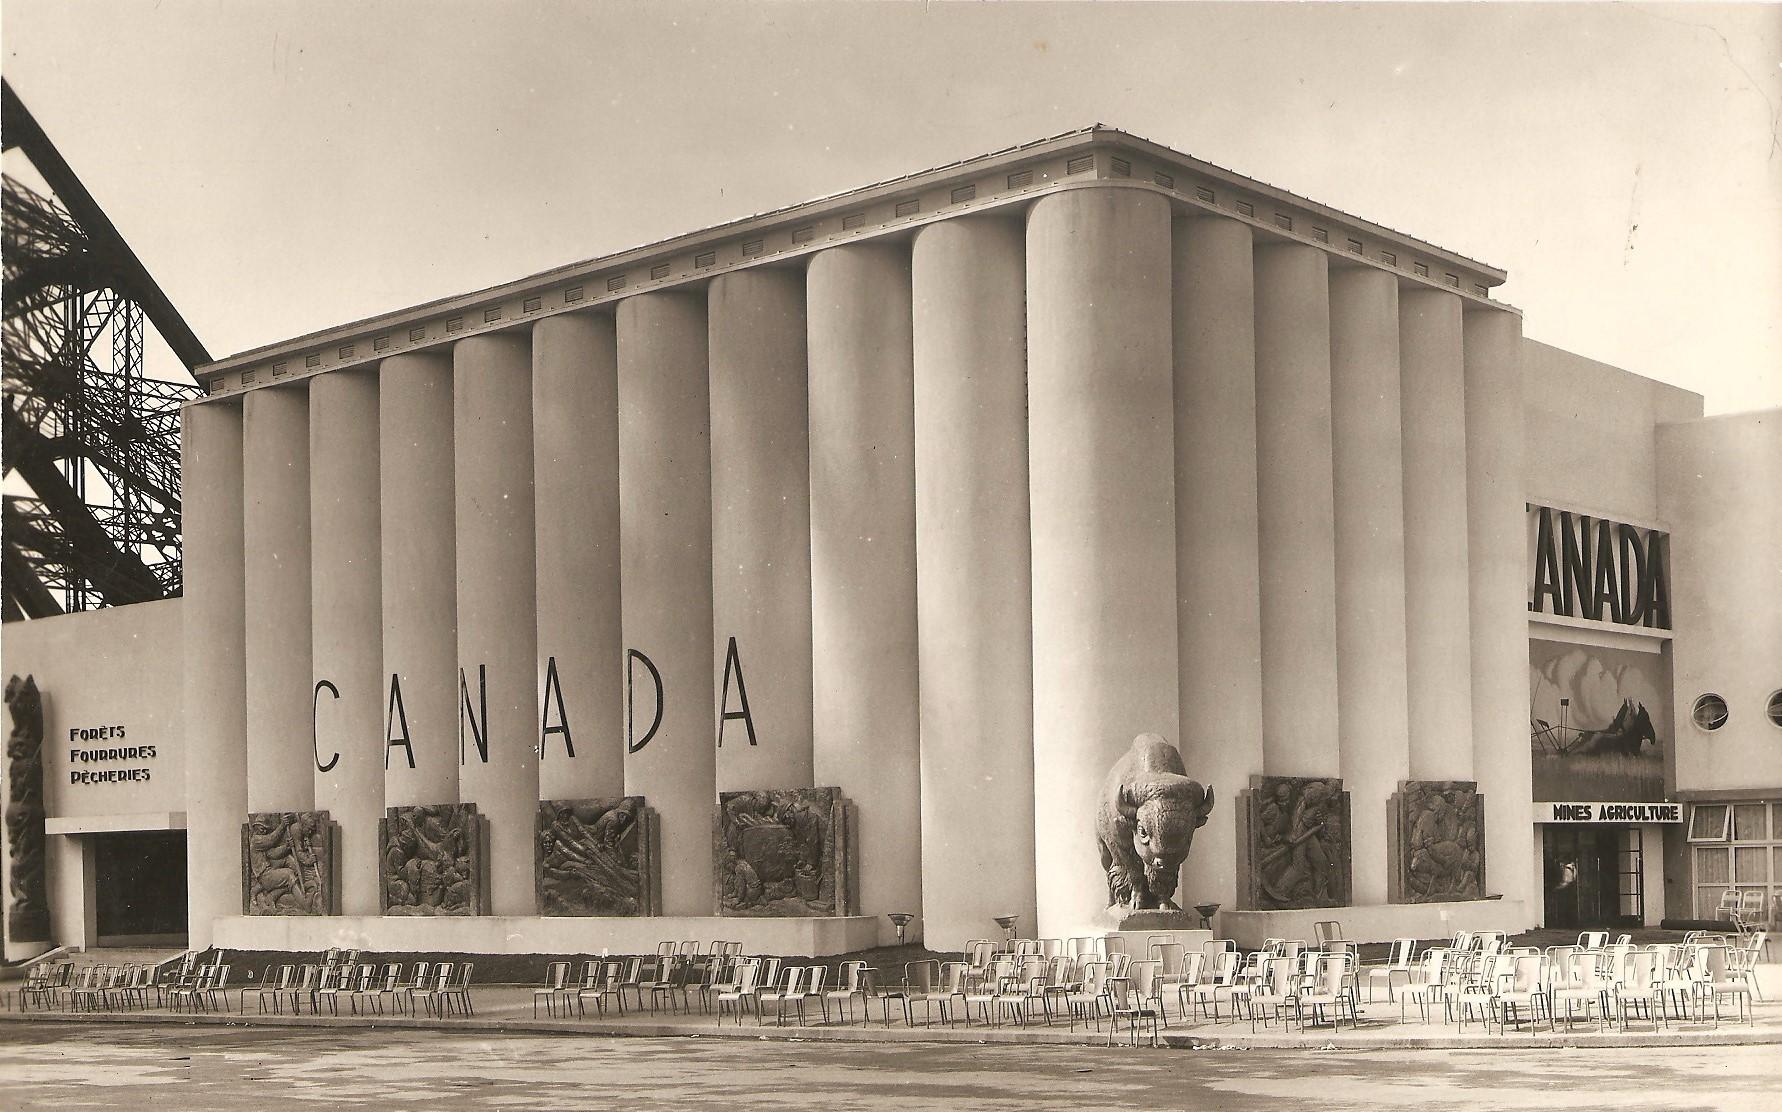 Photographie du bâtiment ayant abrité le pavillon du Canada, devant lequel il y a une statue de bison. On peut lire les inscriptions « Forêts fourrures pêcheries» (à gauche) et «Mines agriculture» (à droite).